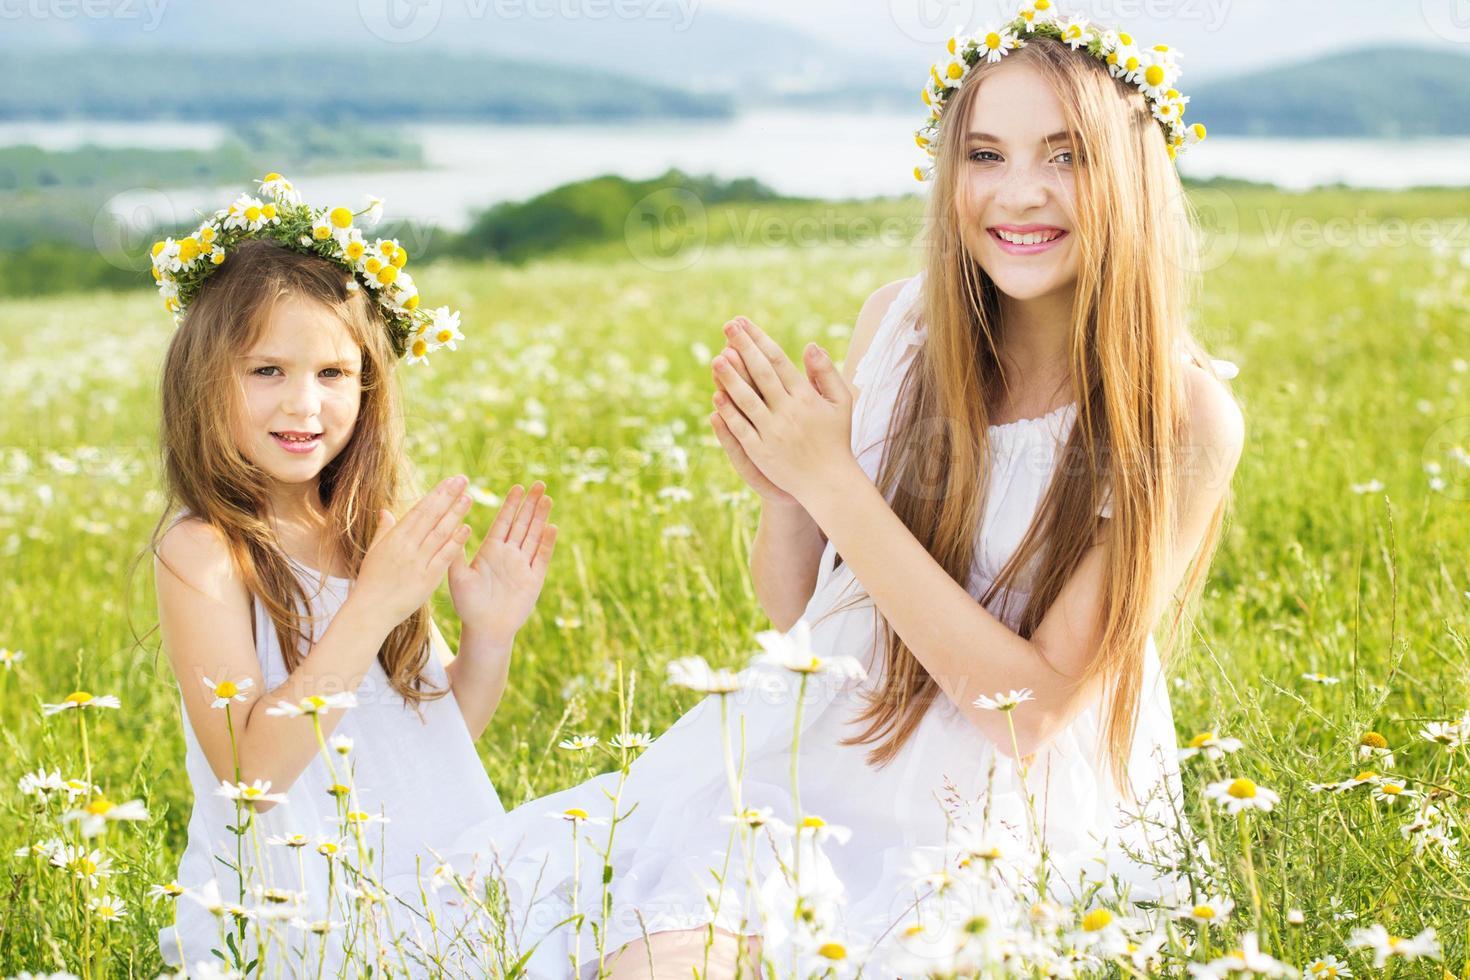 zwei Freunde Mädchen auf der Wiese der Kamille foto